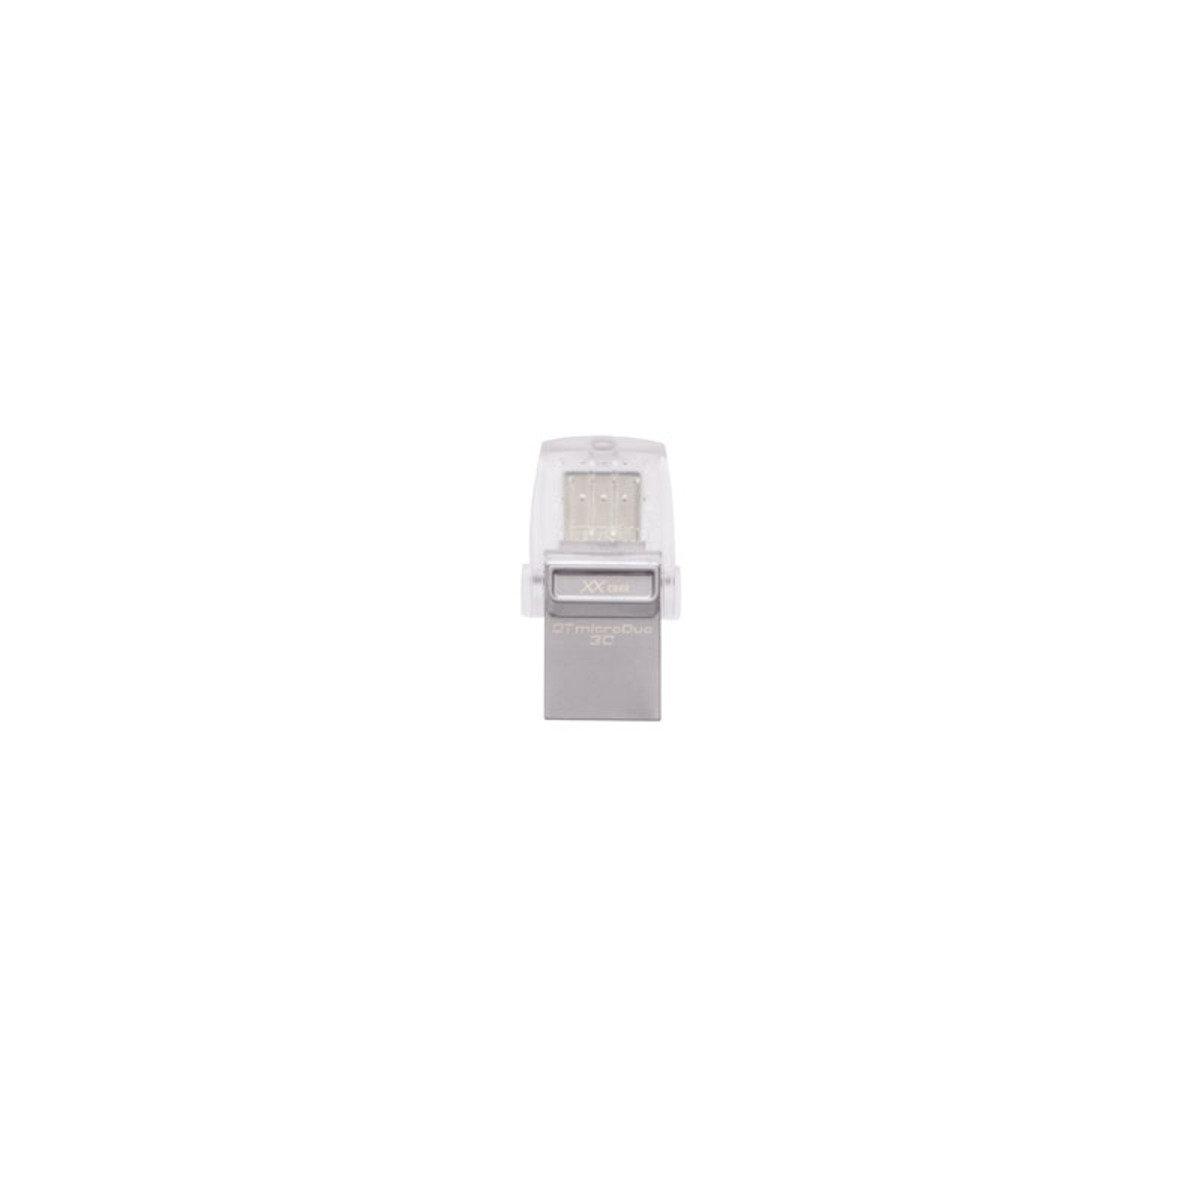 USB3.1 Type-A&C OTG 32GB 迷你雙介面快閃記憶棒 DTDUO3C/32GB